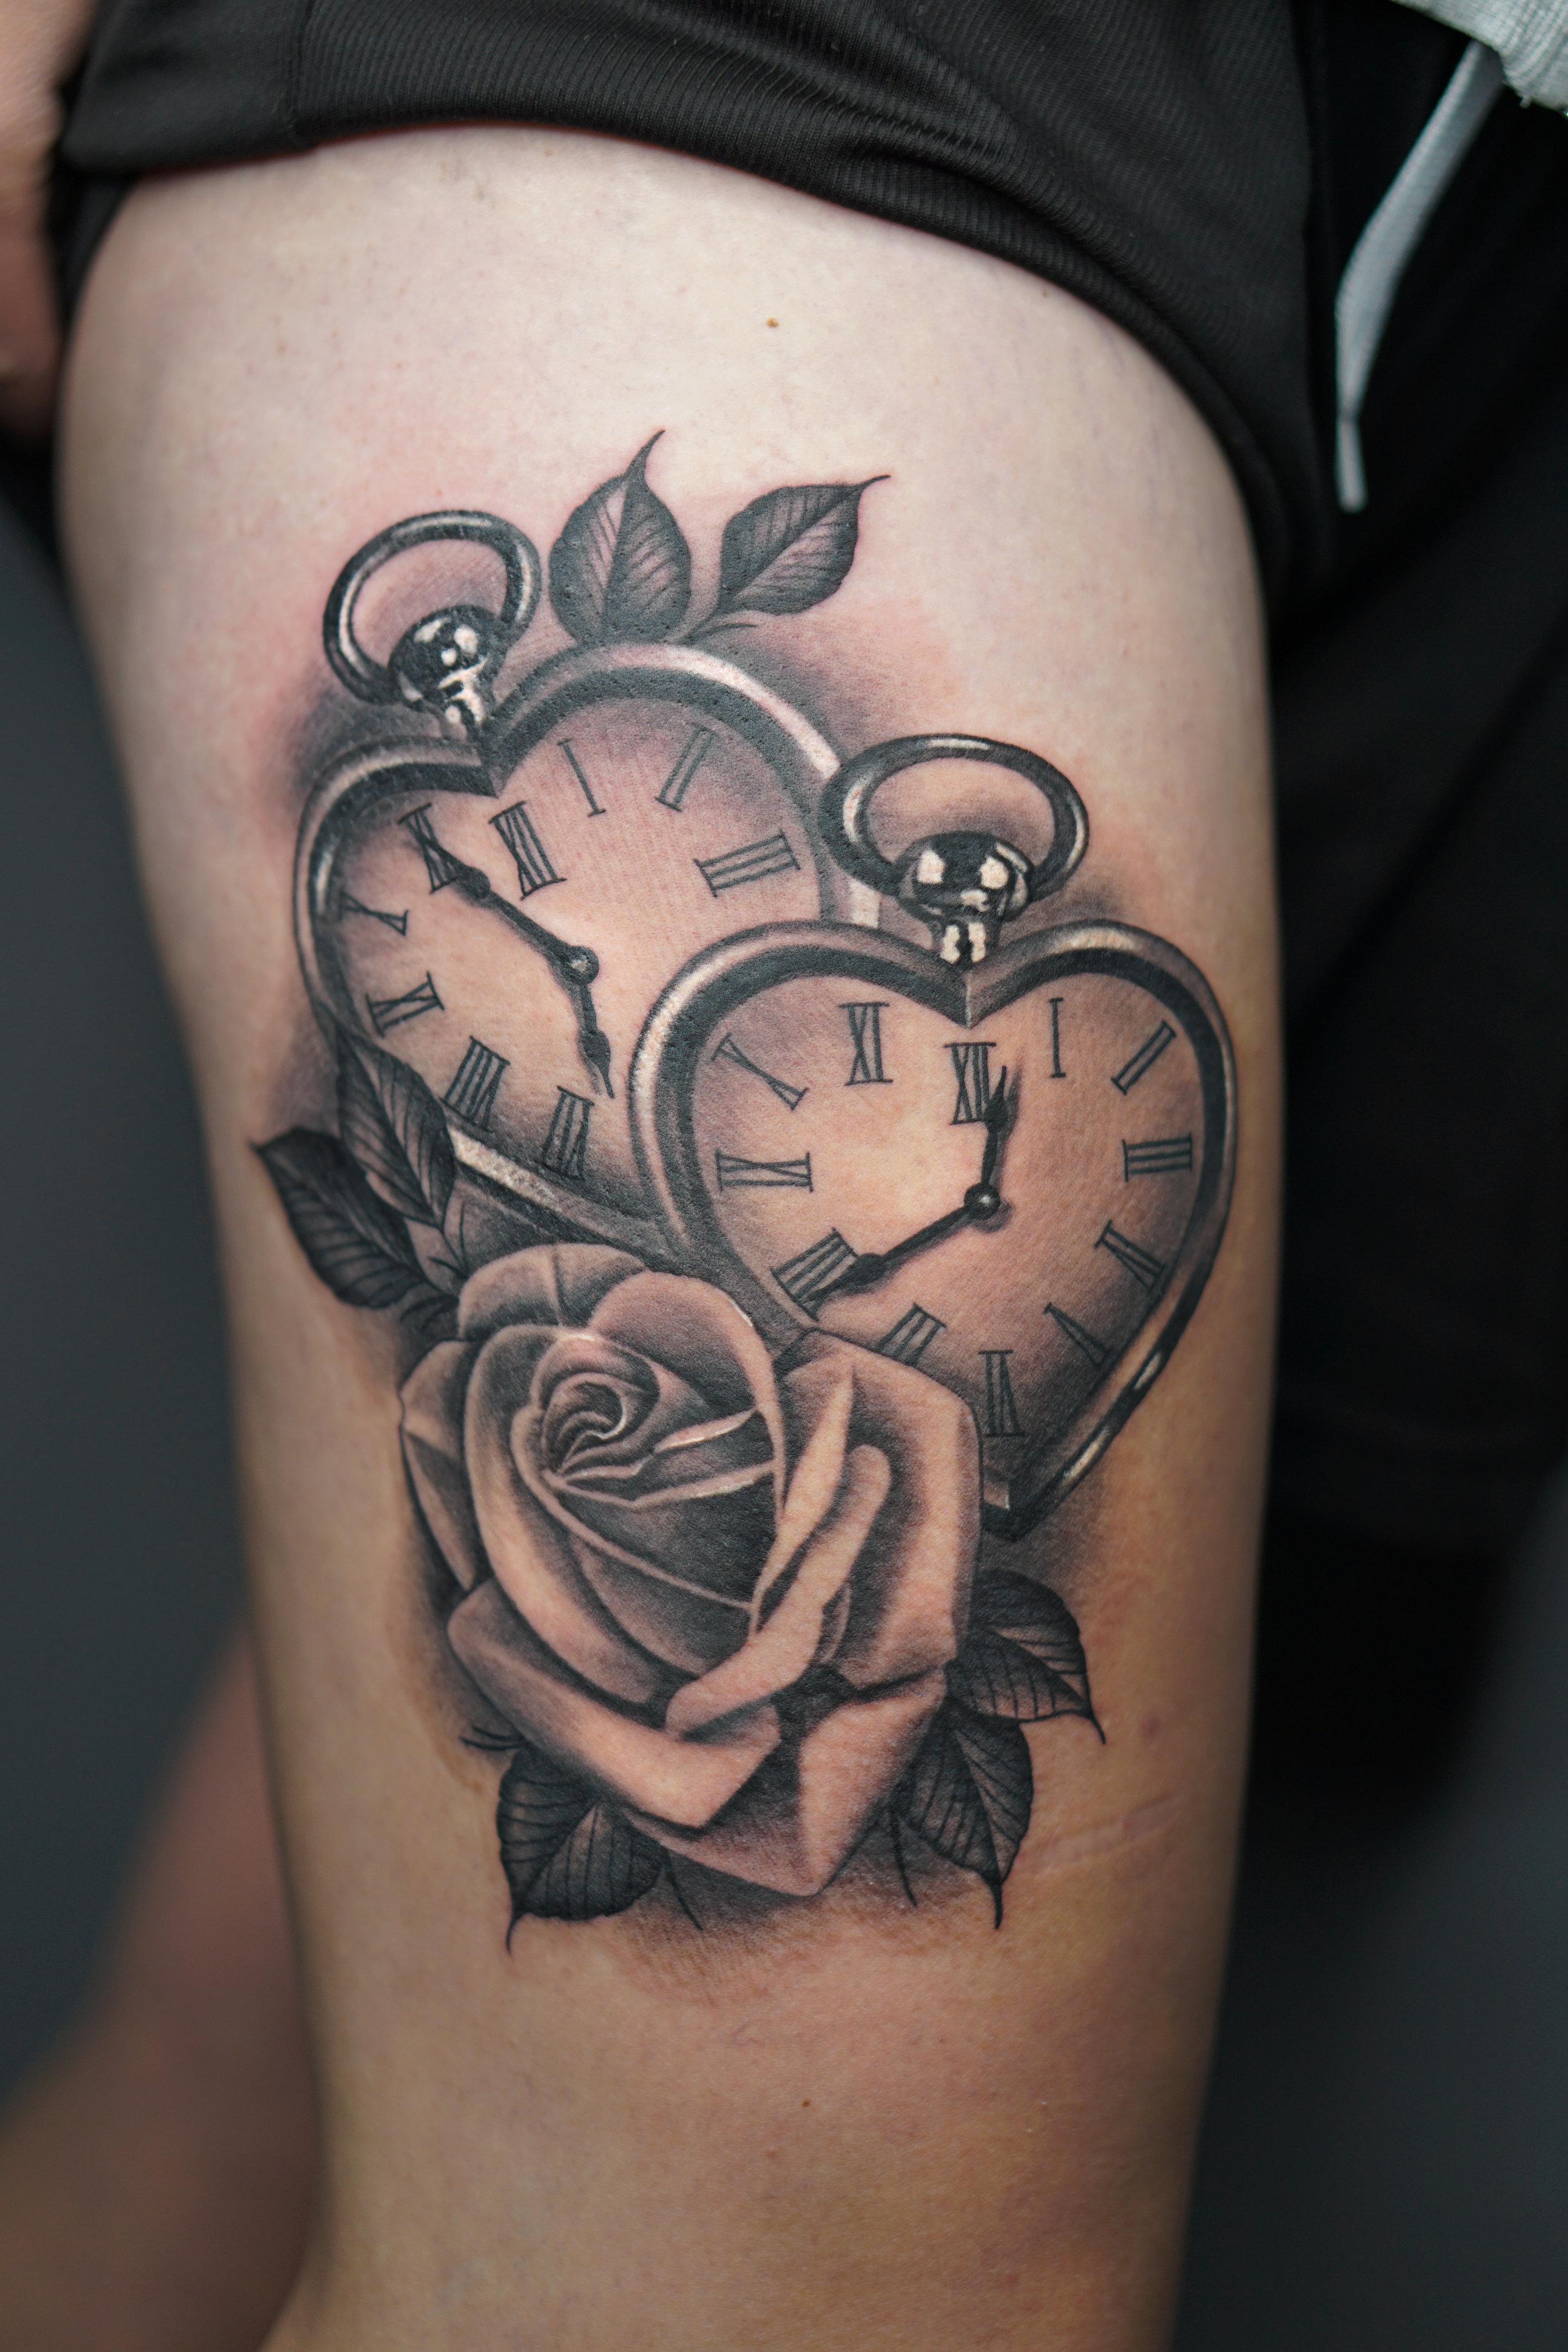 #blackhopetattoo #tattoo #hearttattoo pocketwatchtattoo #rosetattoo.jpg